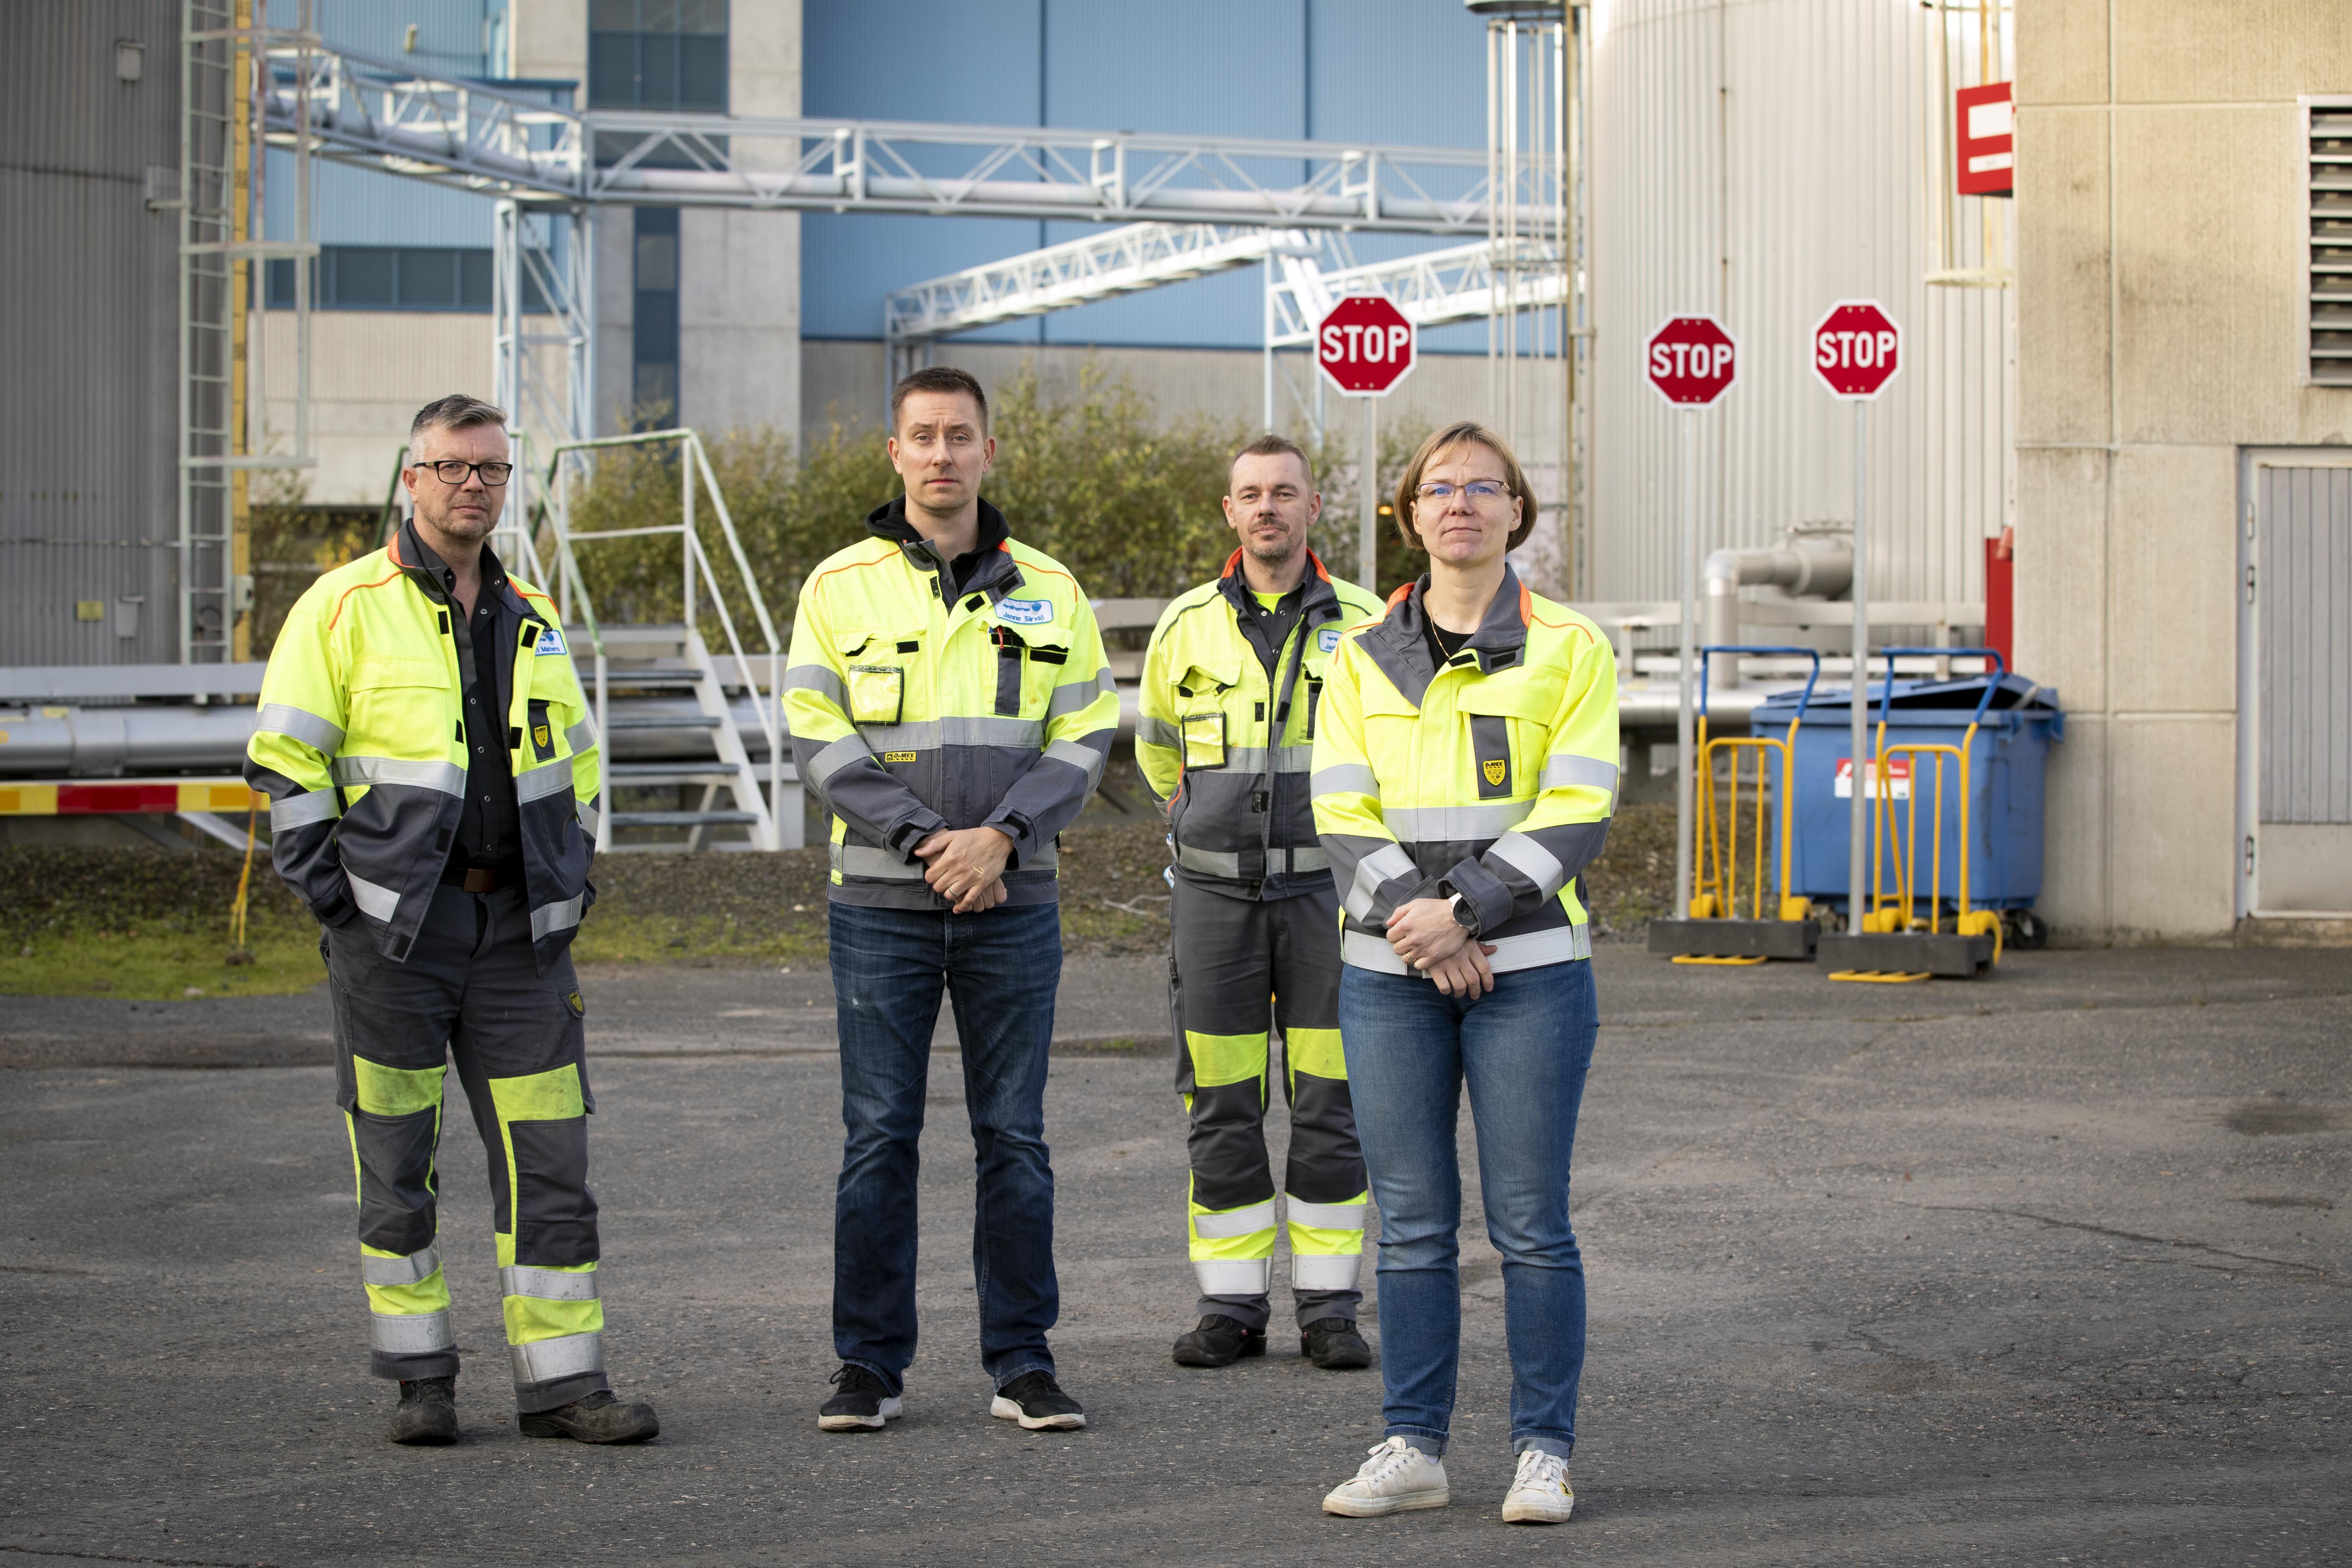 Tehdas suljetaan. Jari Kinnunen (vas.), Minna Hiivala, Jari Matero ja Janne Sirviö kuvattiin Synthomerin piha-alueella.